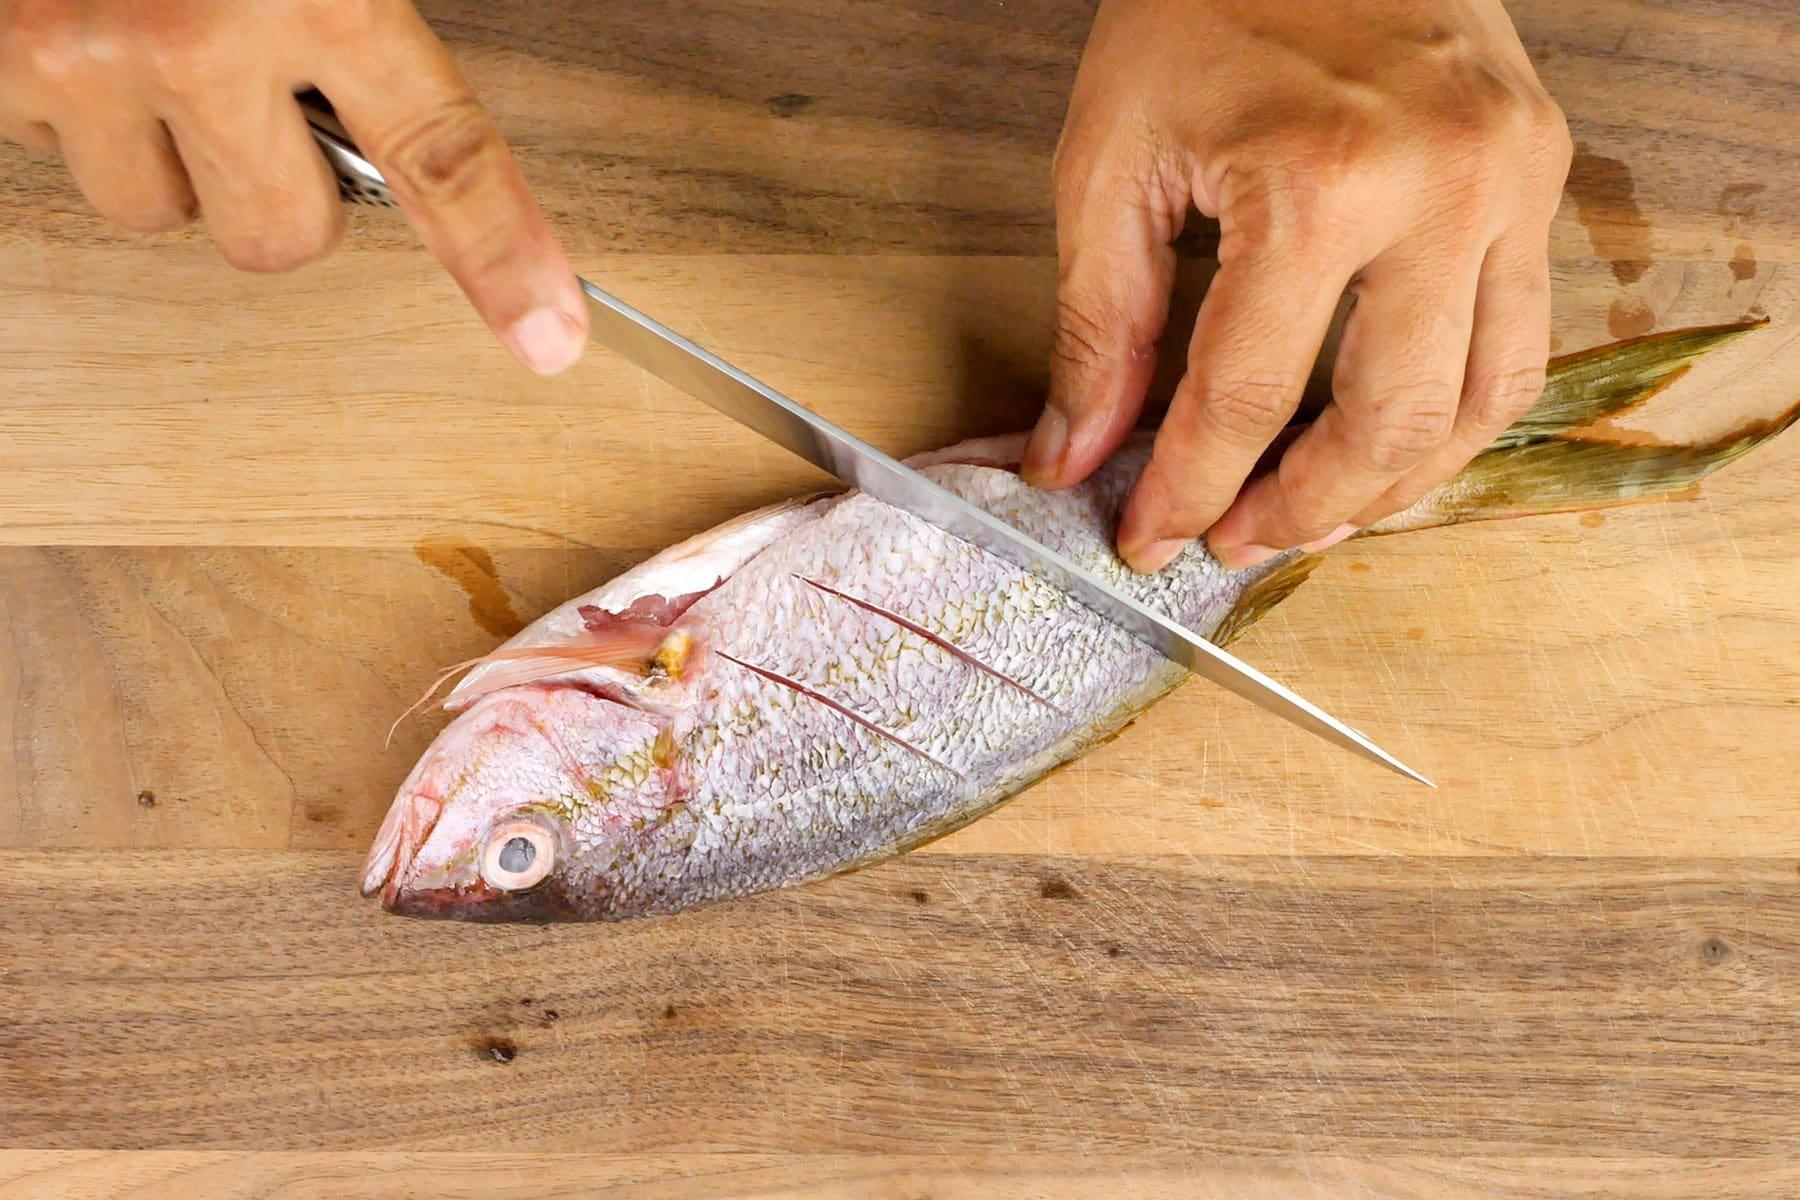 Cortando pescado